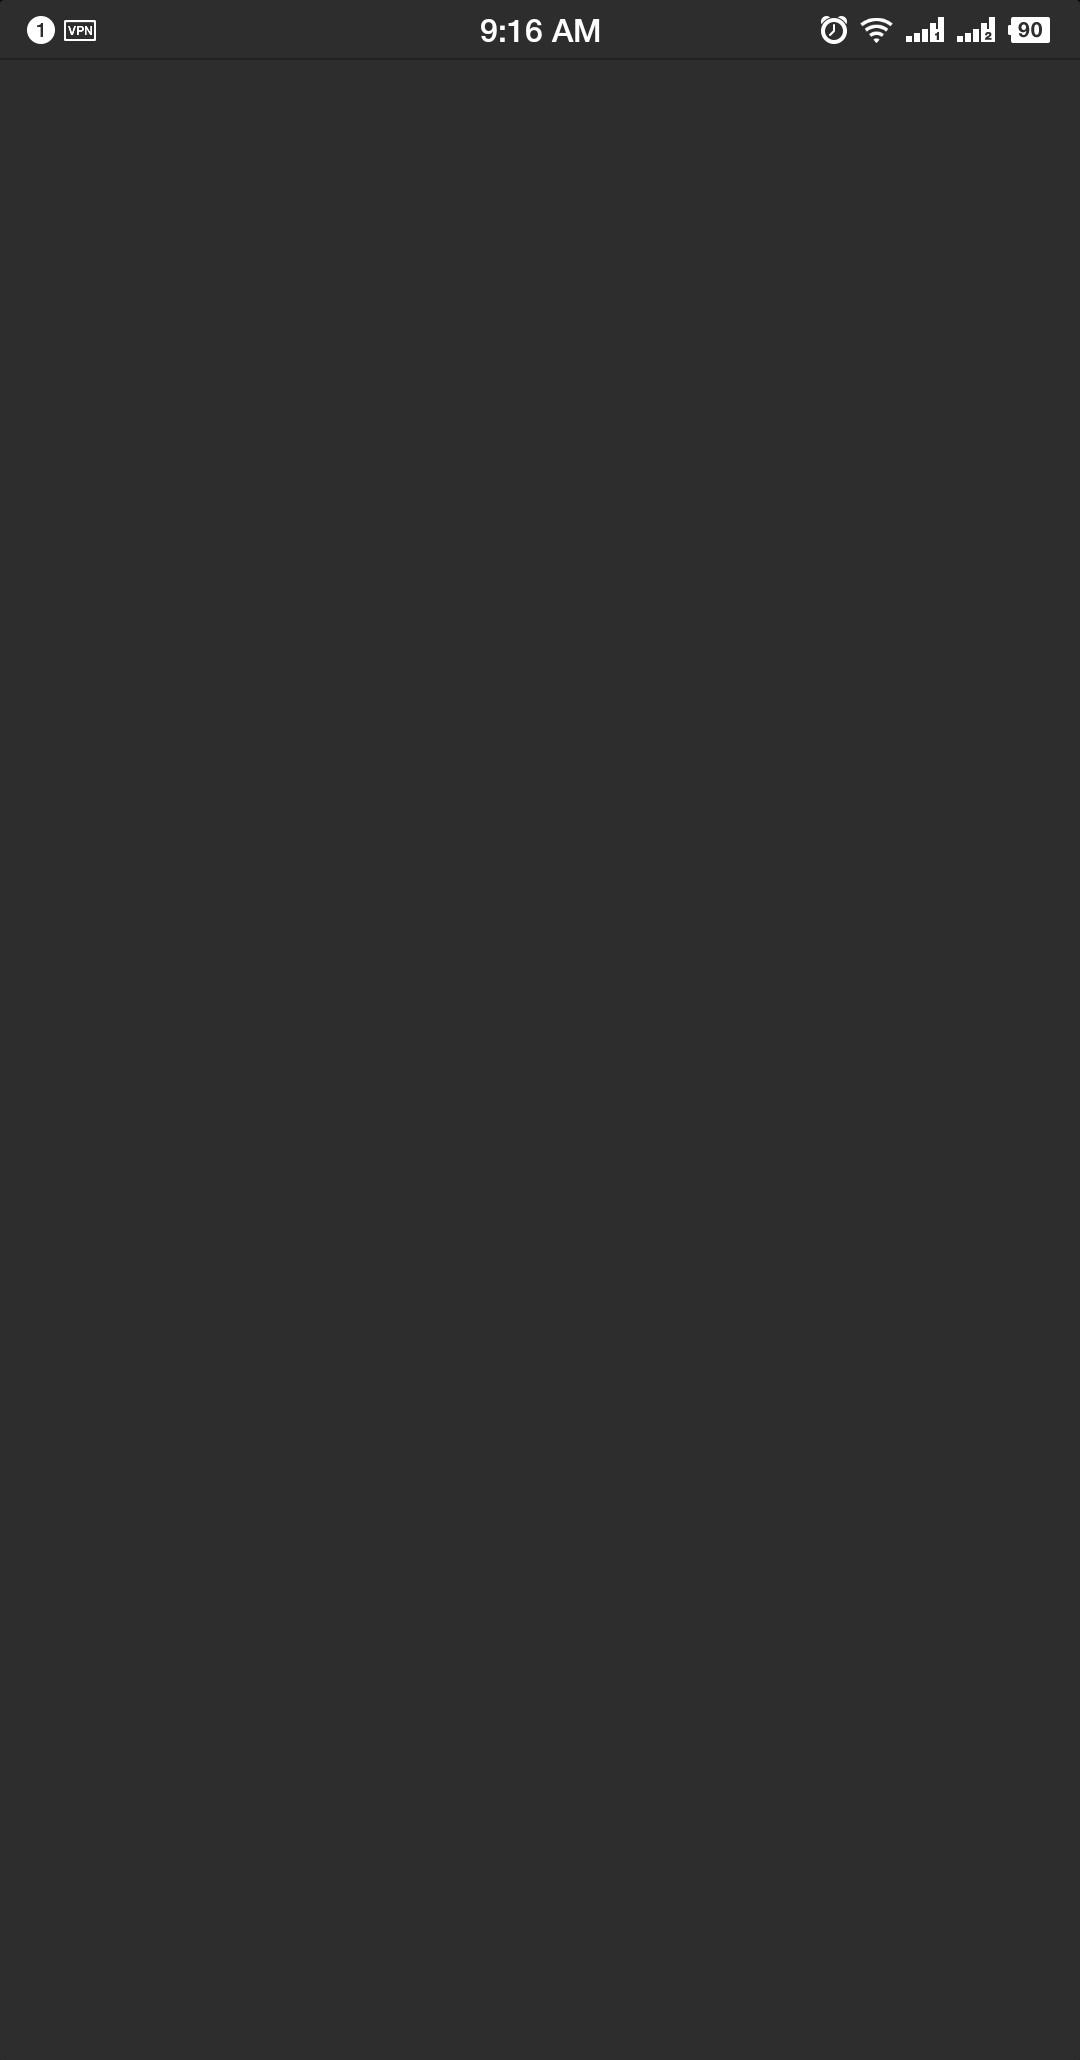 Screenshot_2018-04-15-09-16-21-320_Split-screen creator.png